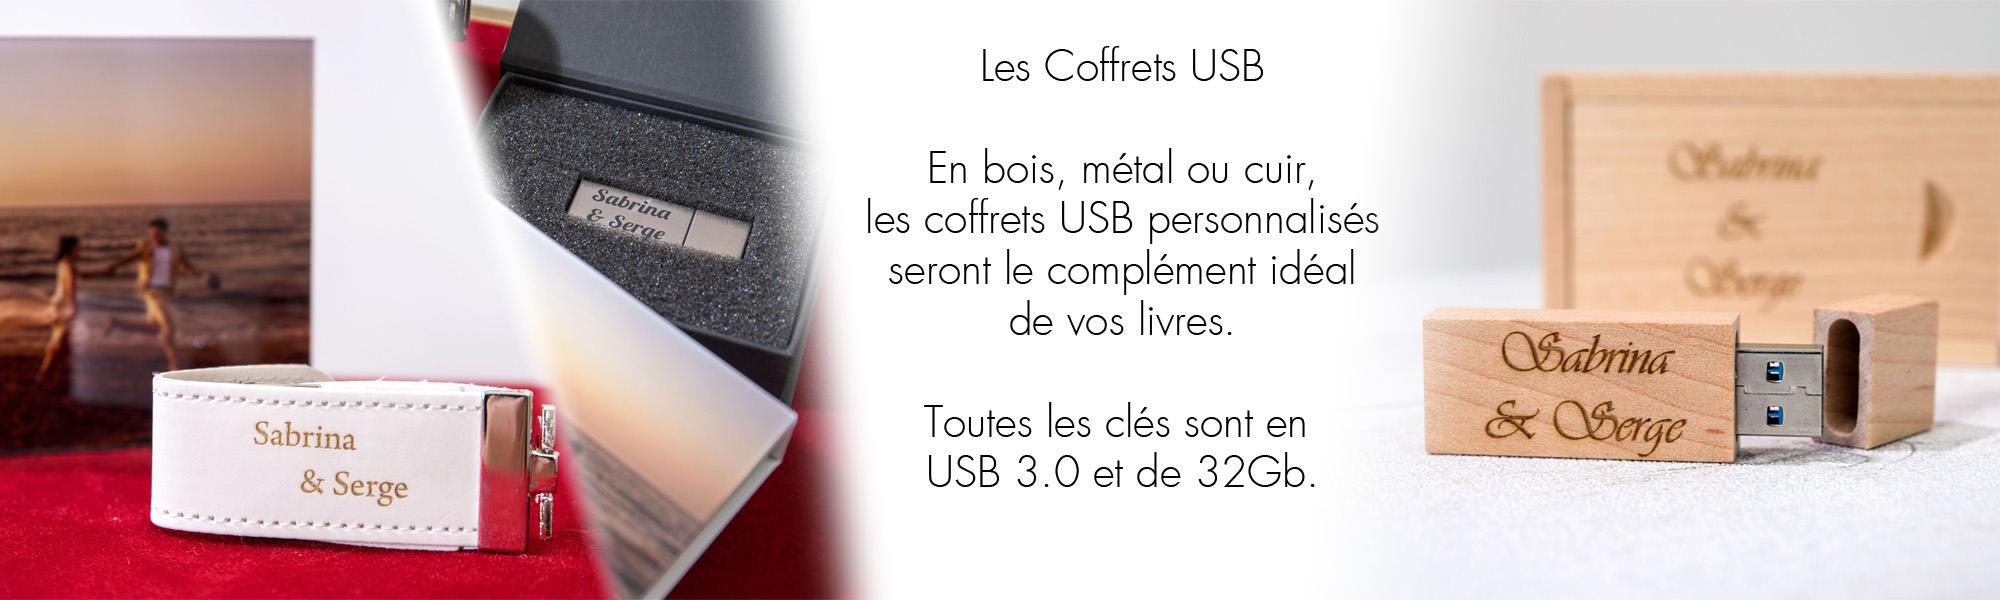 Coffrets USB